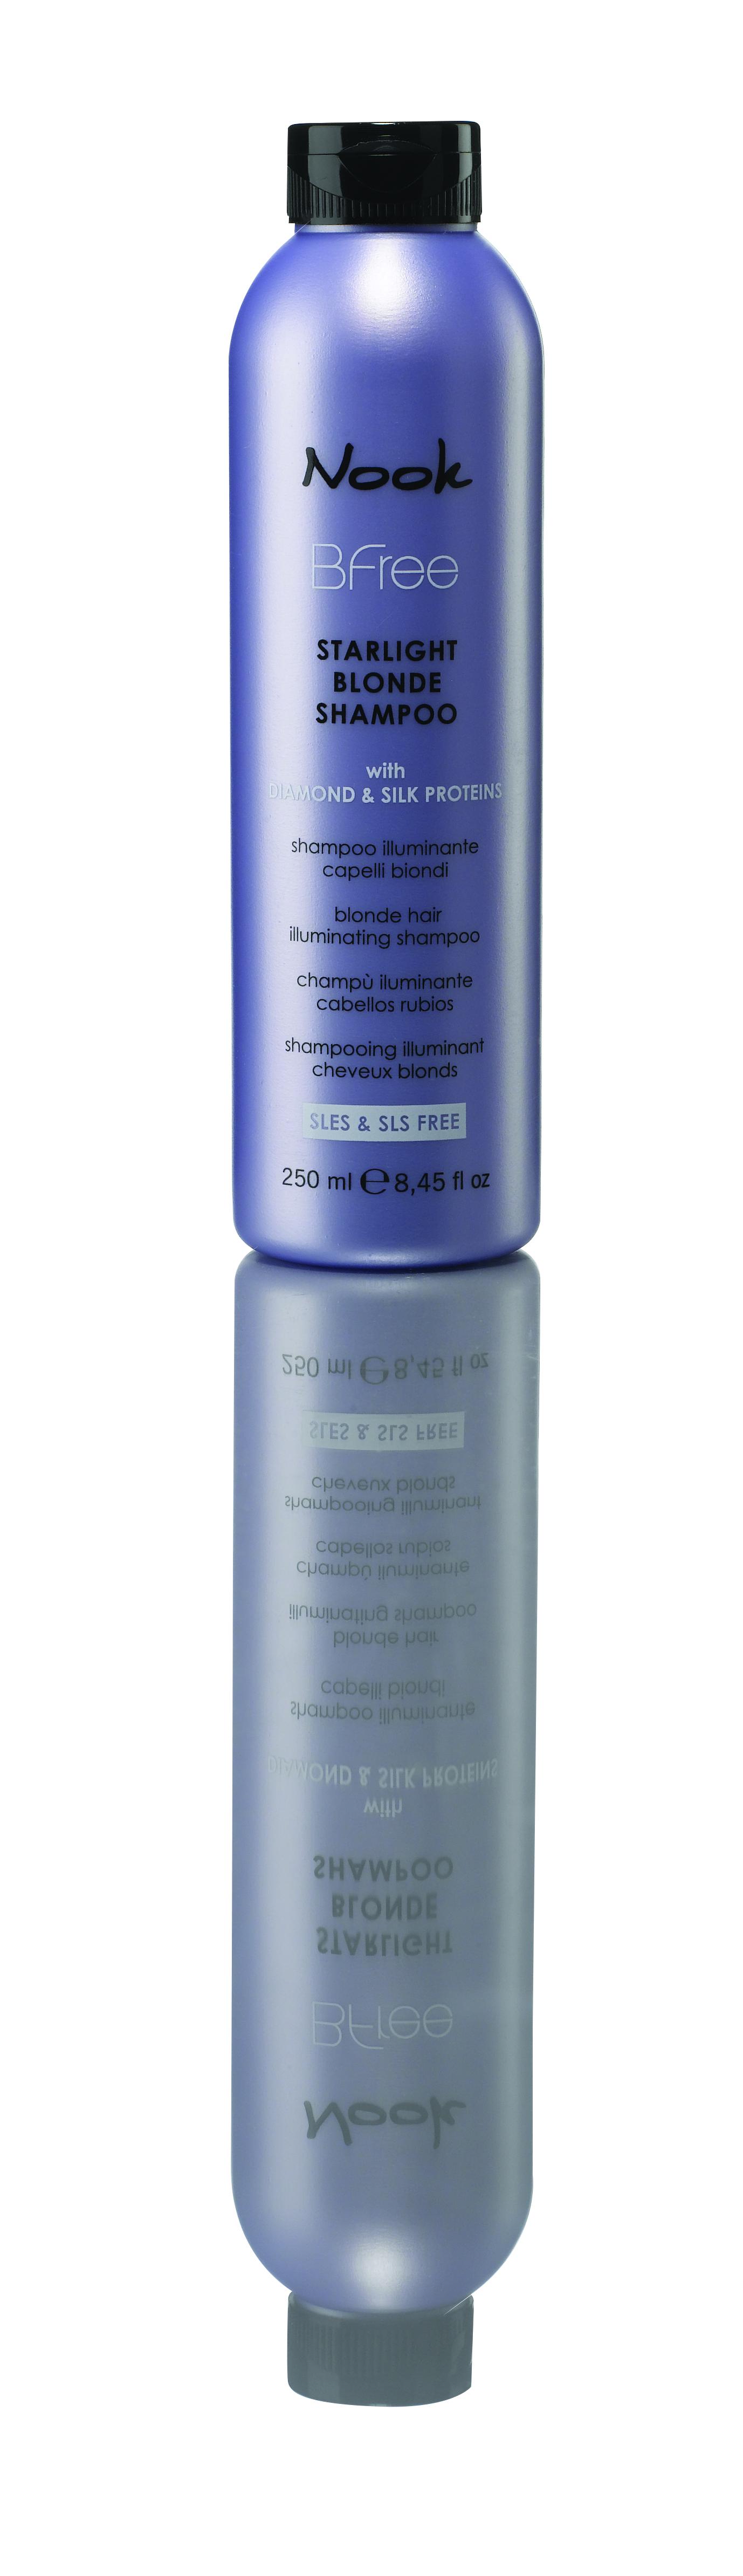 Купить NOOK Шампунь сияющий для волос цвета блонд / Starlight Blonde Shampoo BFREE 1000 мл